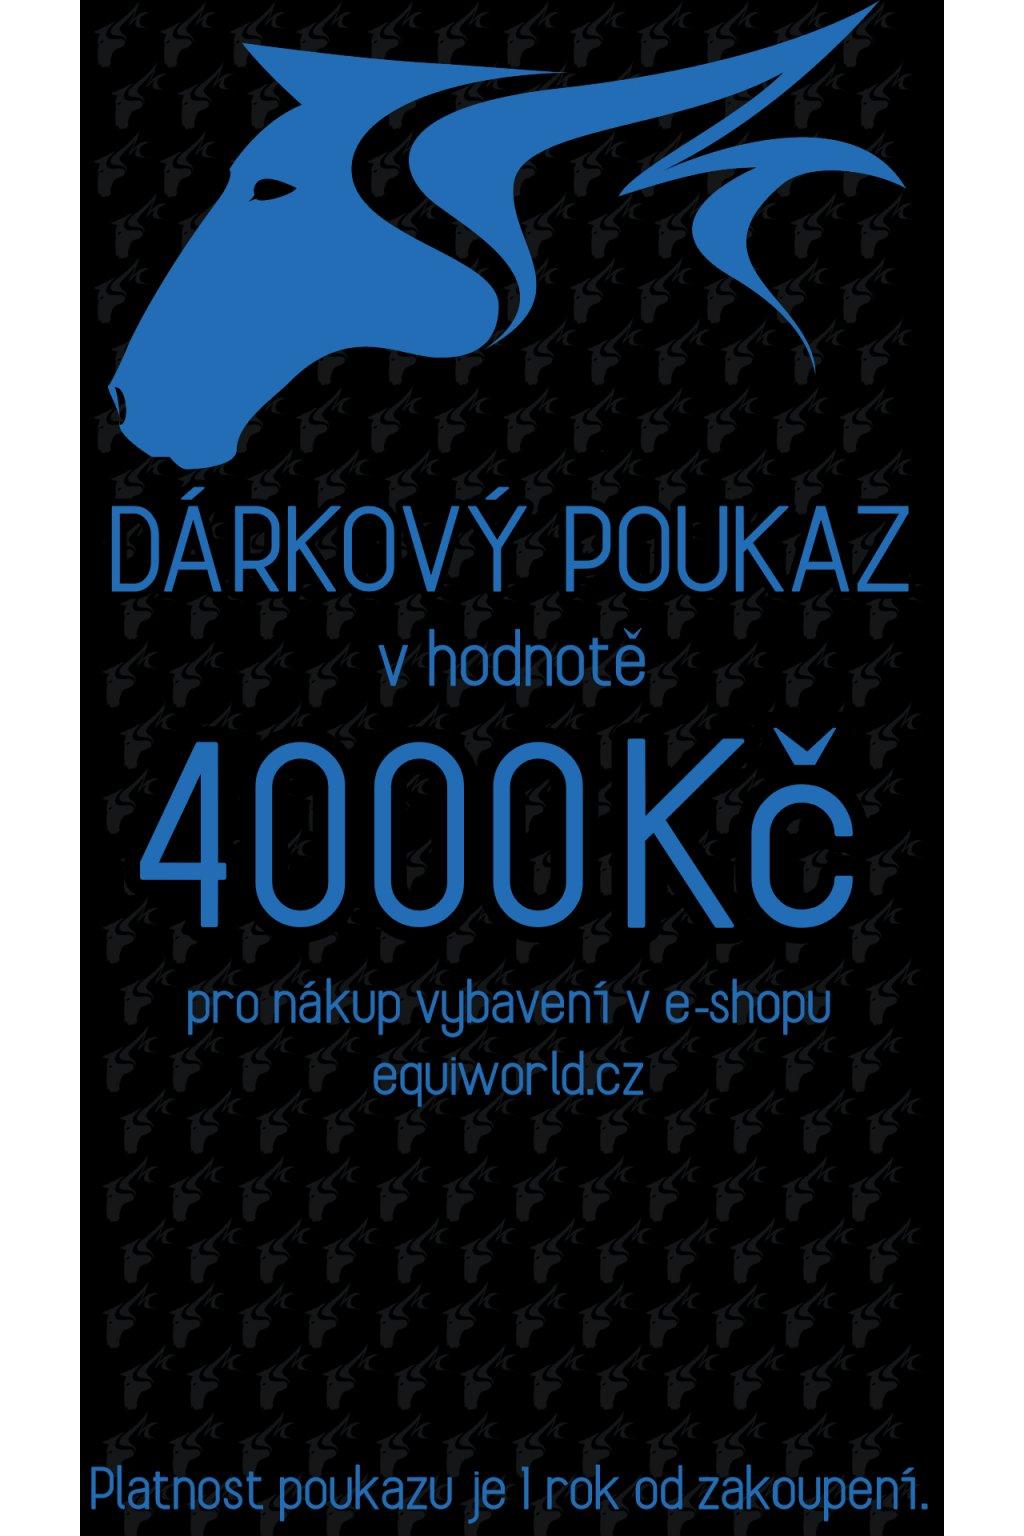 poukaz4000